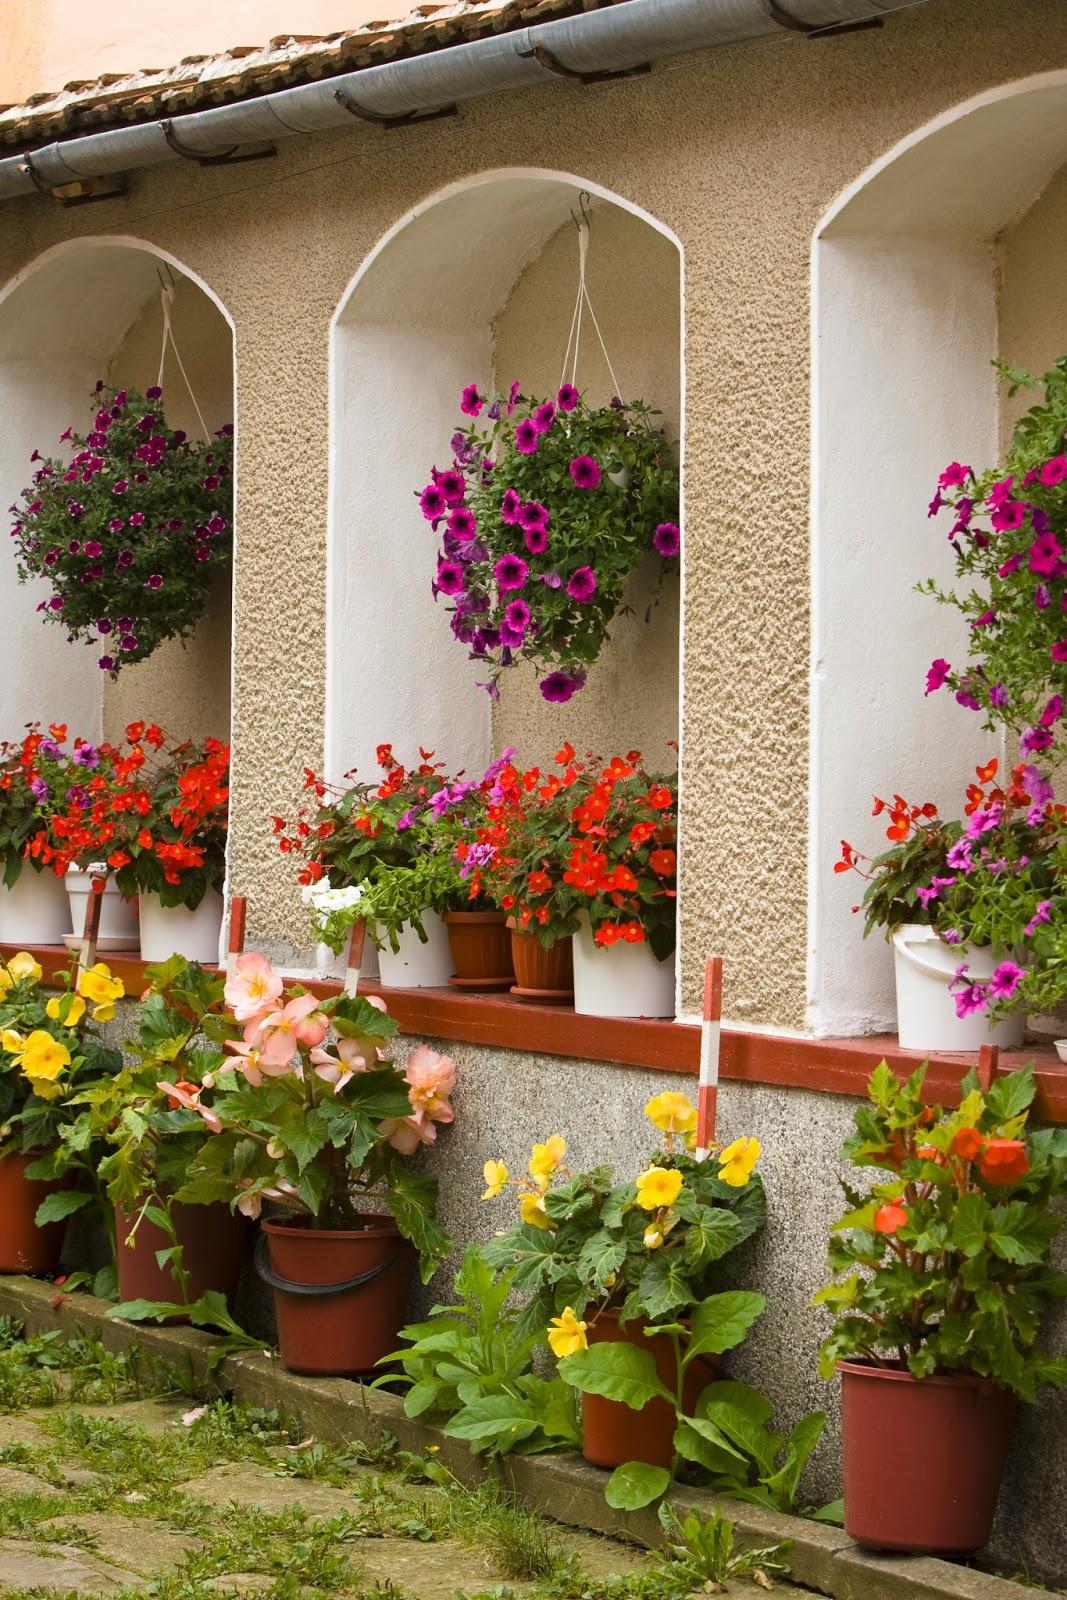 Banco De Imagenes Jardines Y Flores 5 Fotos Para - Flores-bonitas-para-jardin